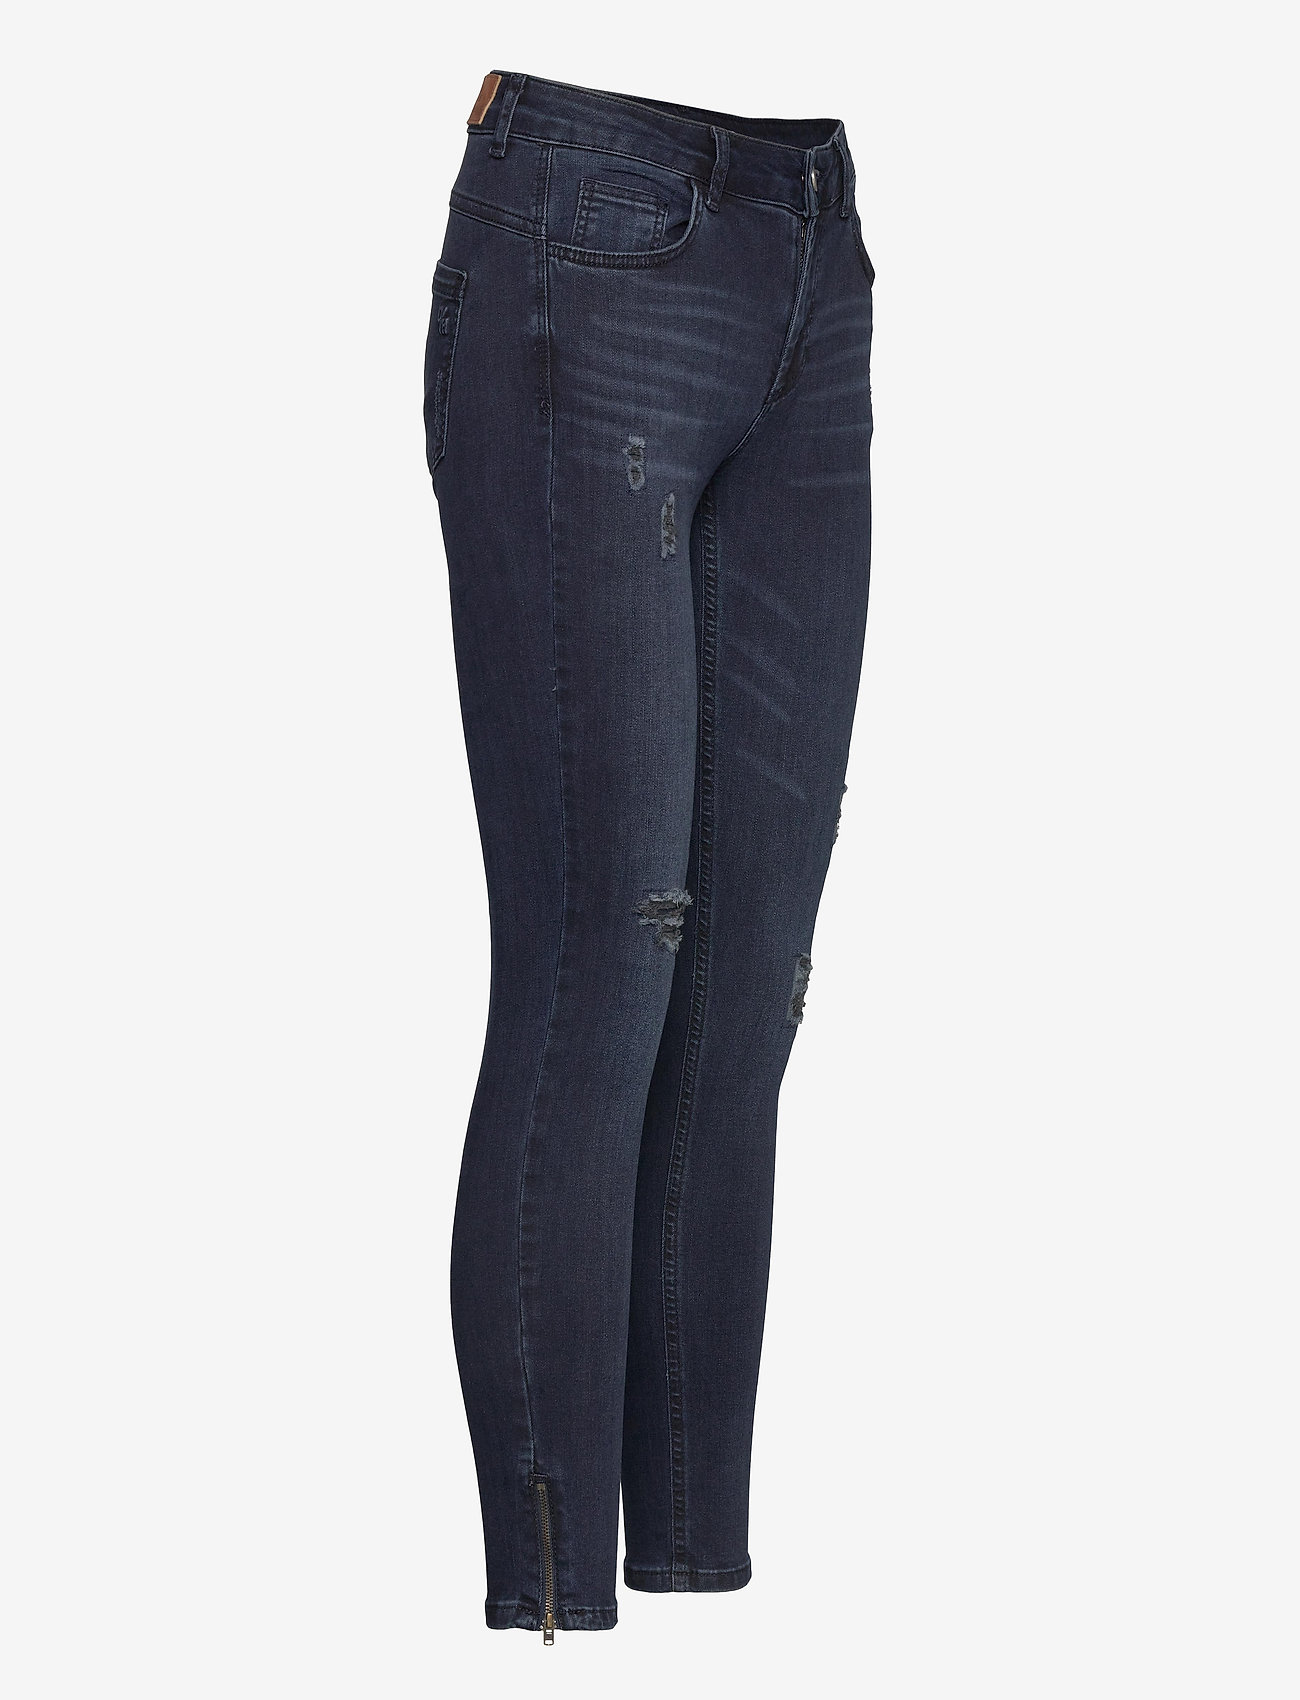 Denim Hunter - 40 THE CELINAZIP TORN CUSTOM - skinny jeans - dark blue wash - 3